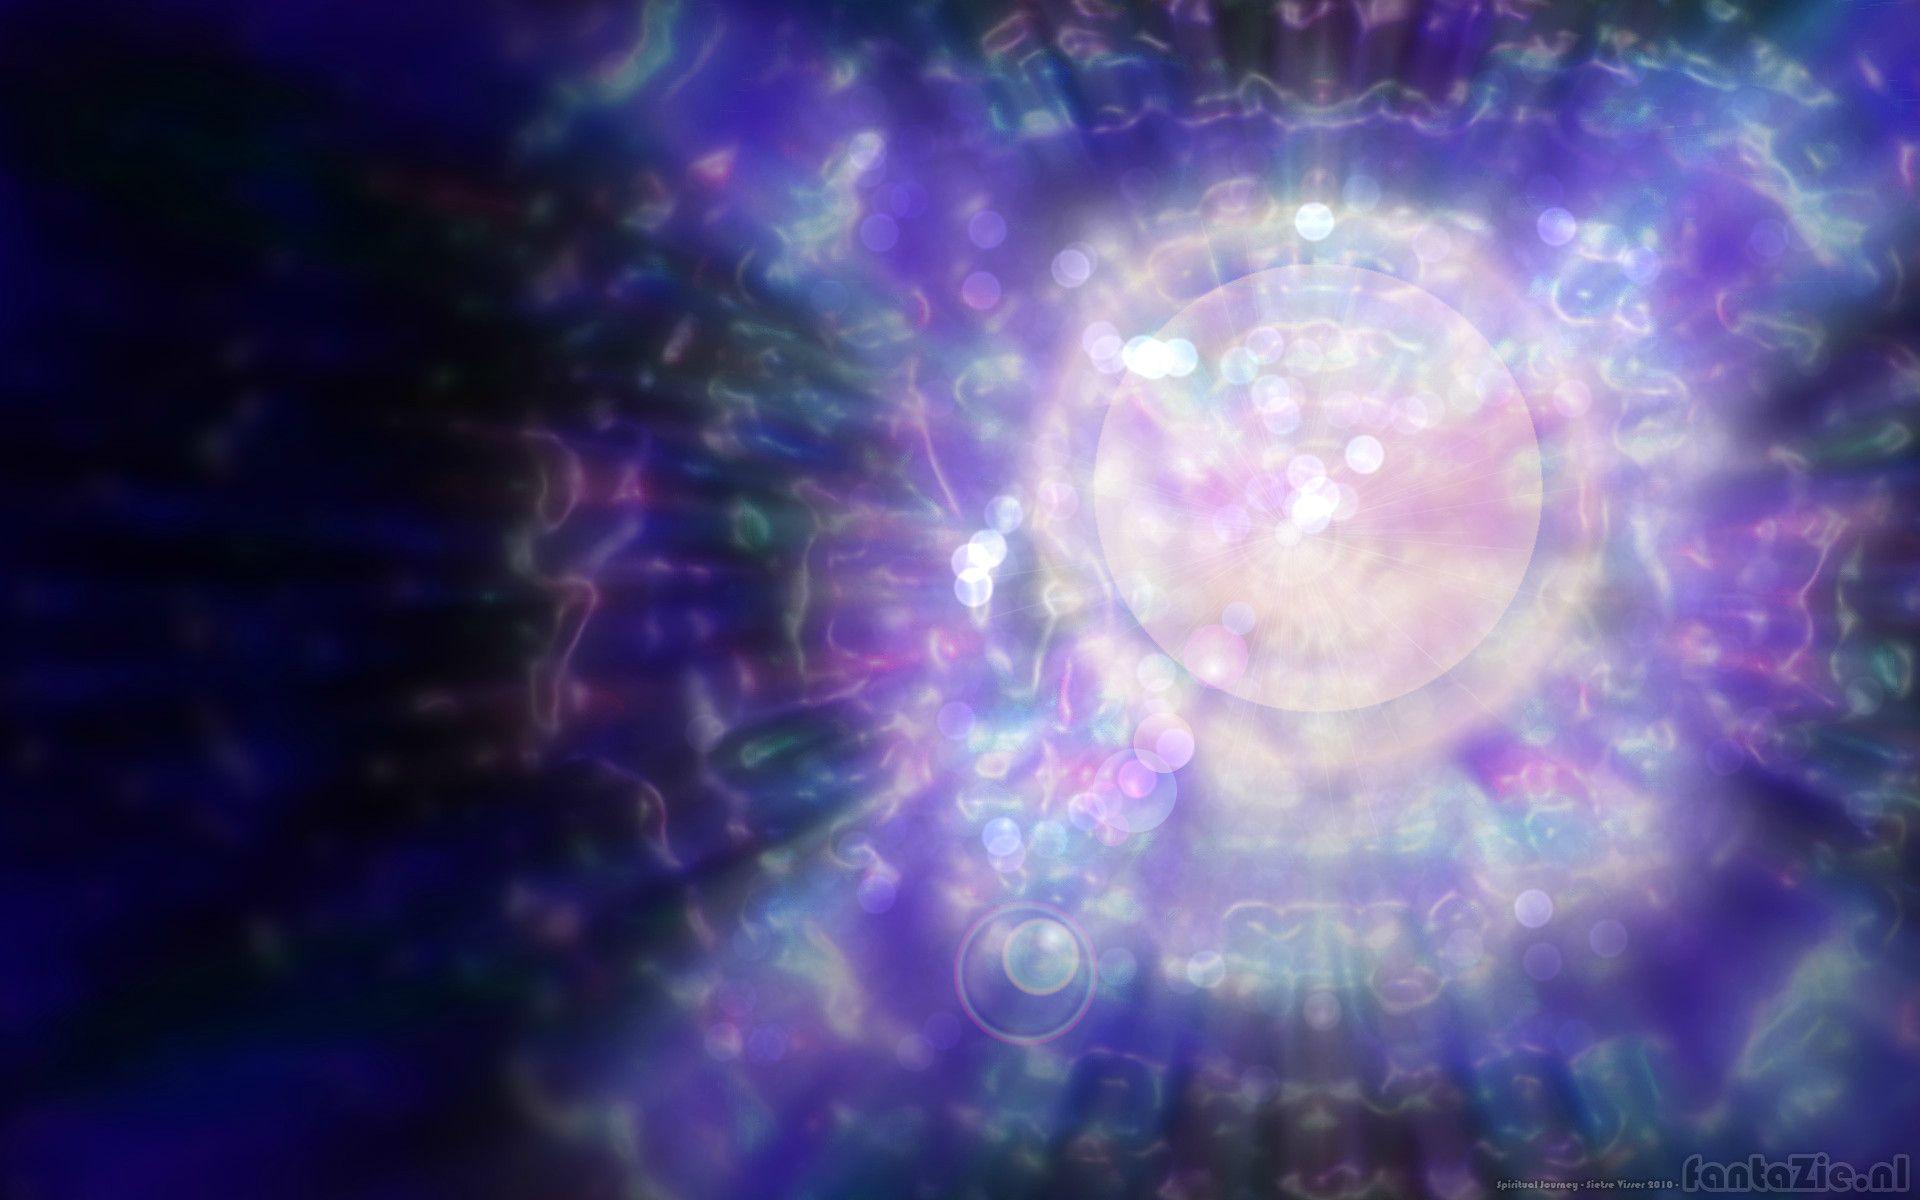 Spiritual Wallpapers - Wallpaper Cave